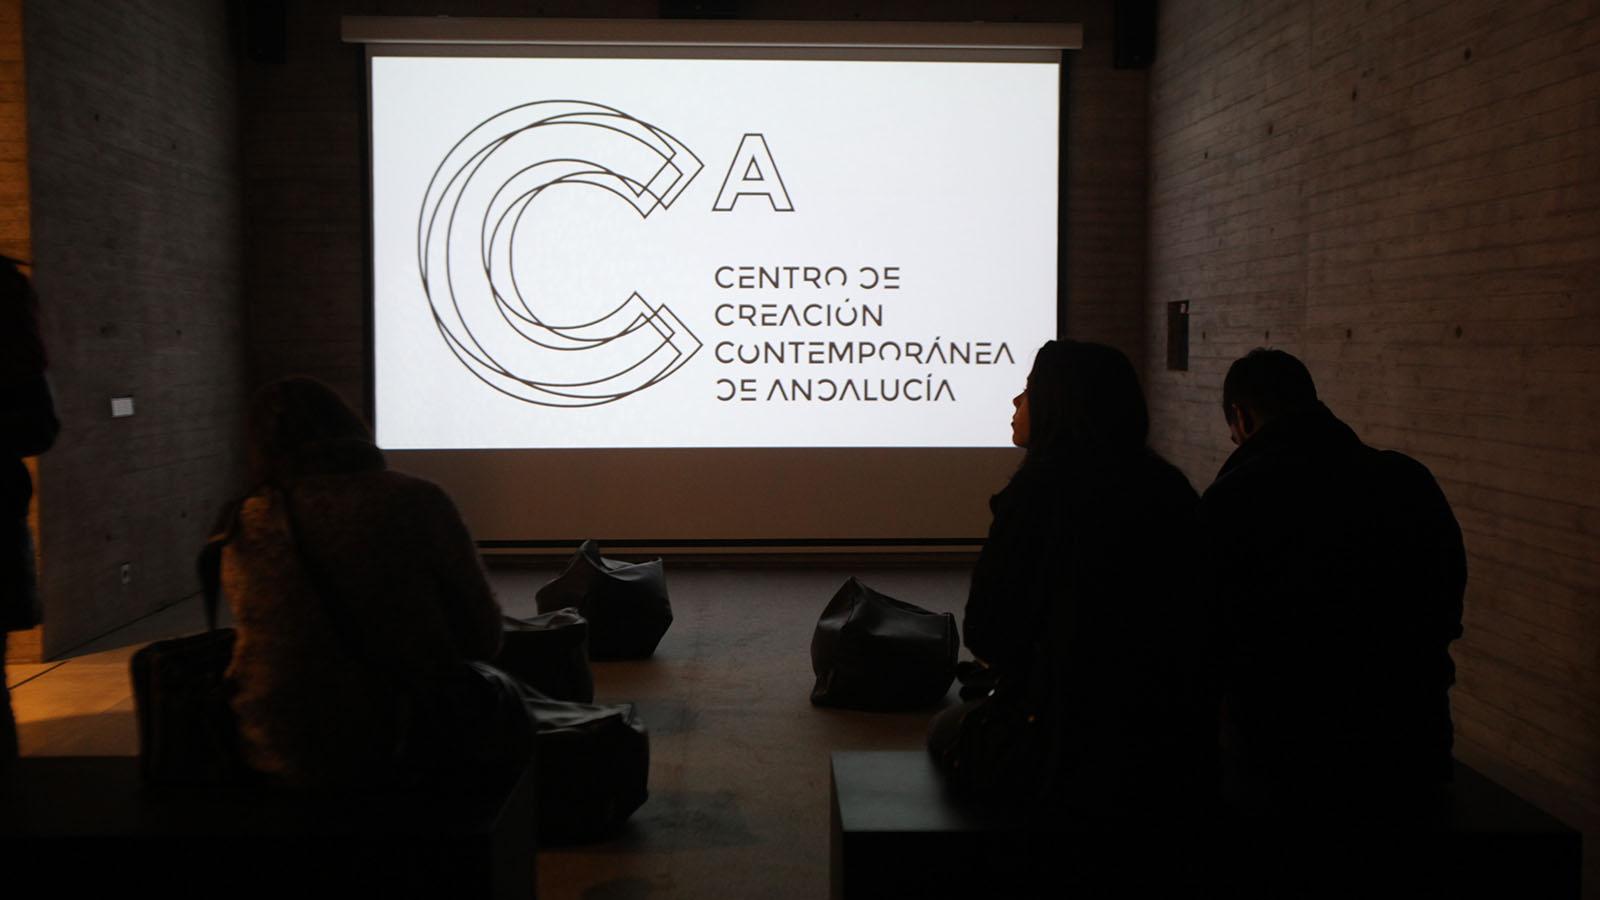 Filmoteca de Andalucía traslada al centro su biblioteca y su videoteca. La institución contará con más de 800 metros cuadrados-